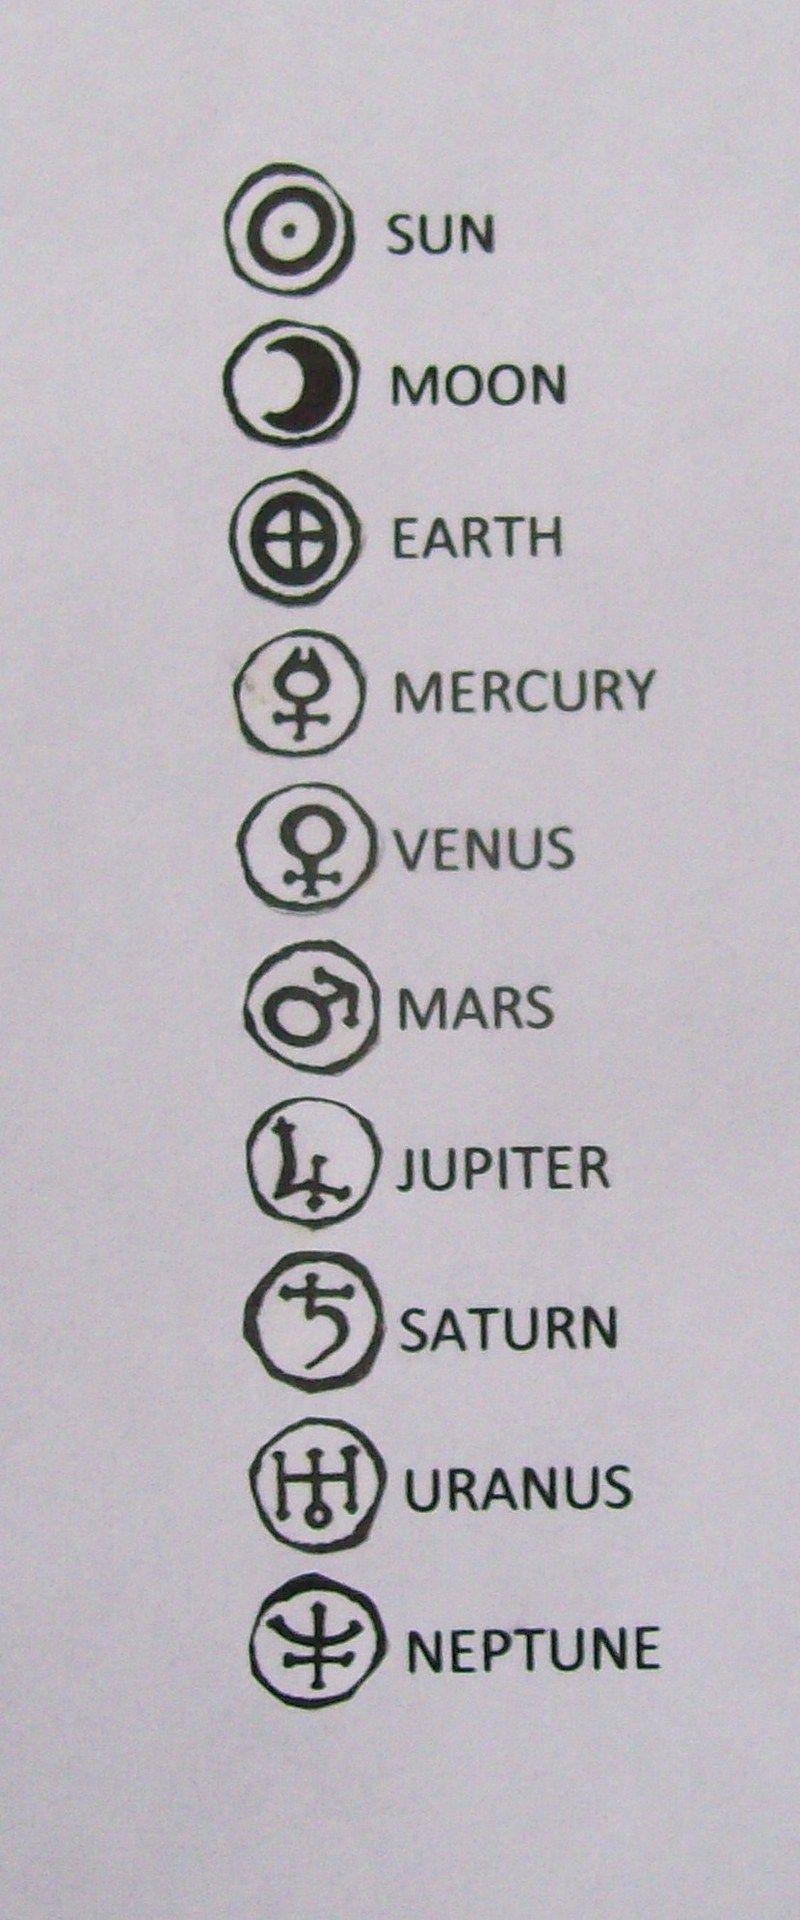 Les glyphes des planètes